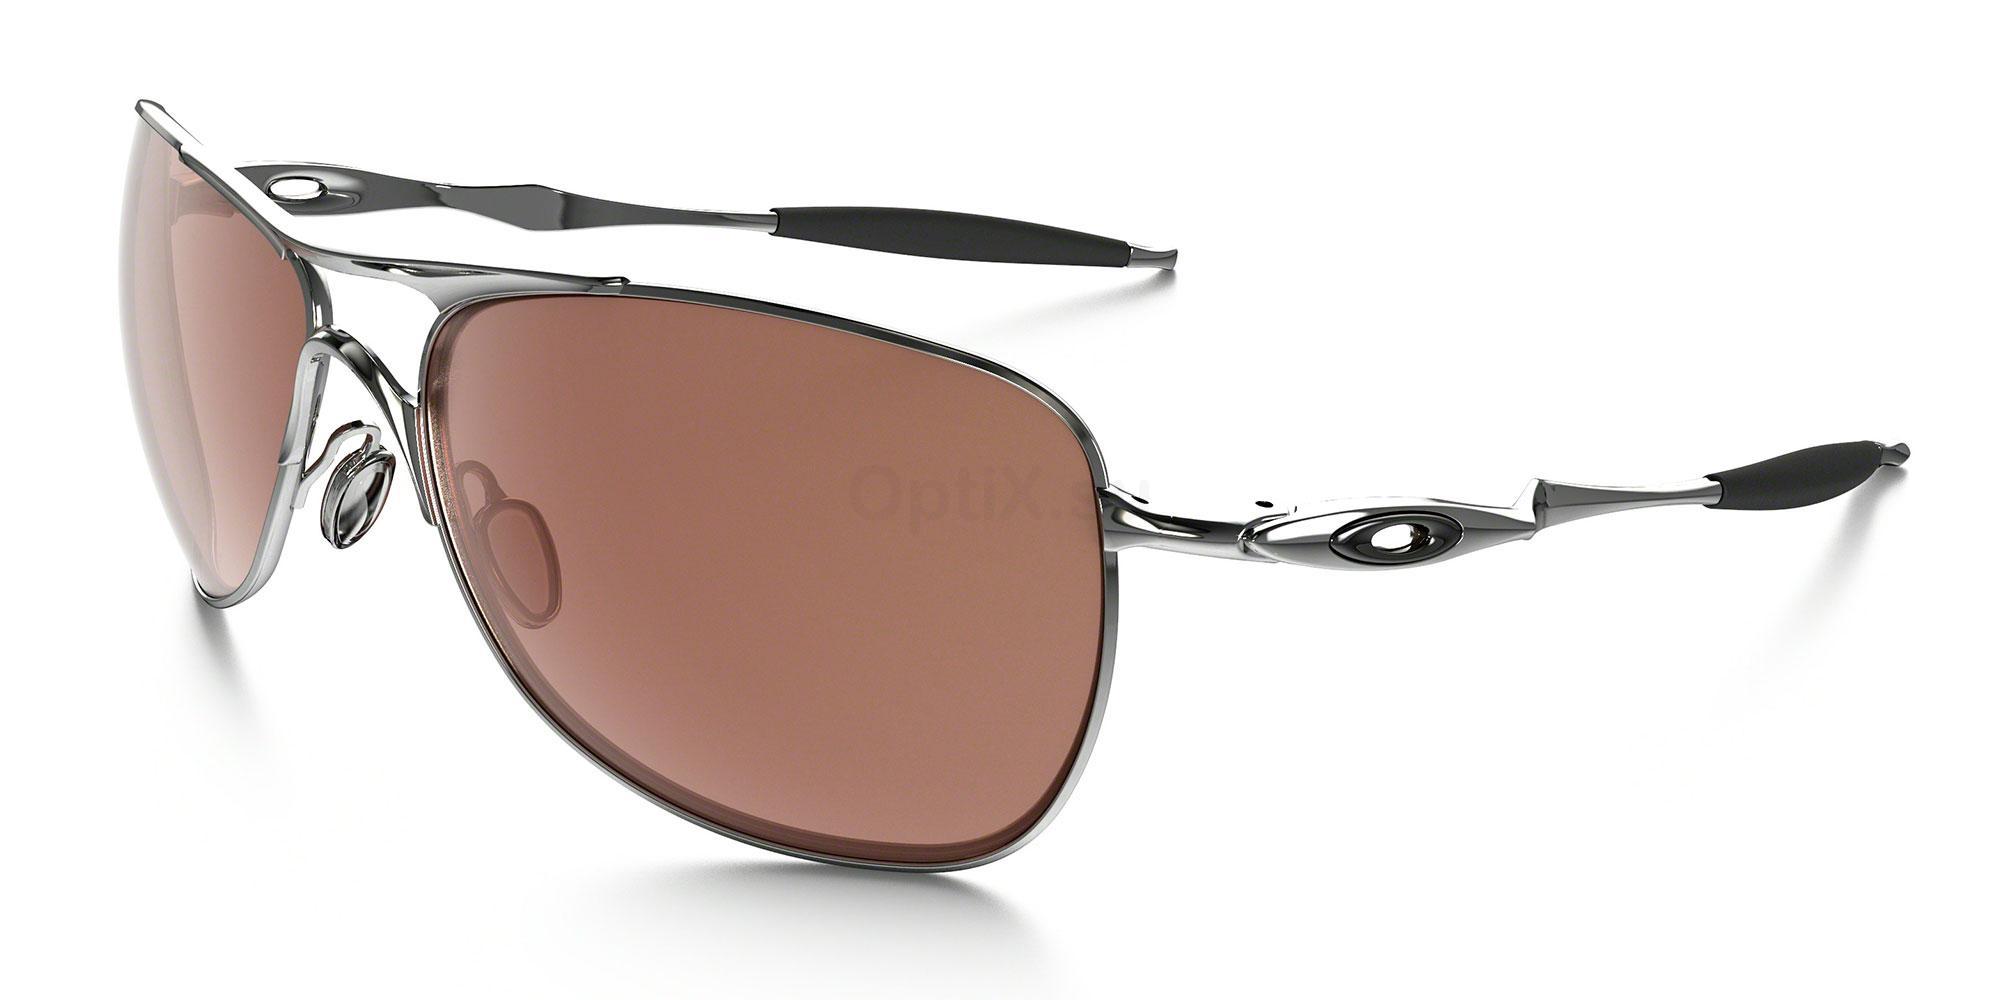 406002 OO4060 CROSSHAIR (Standard) Sunglasses, Oakley